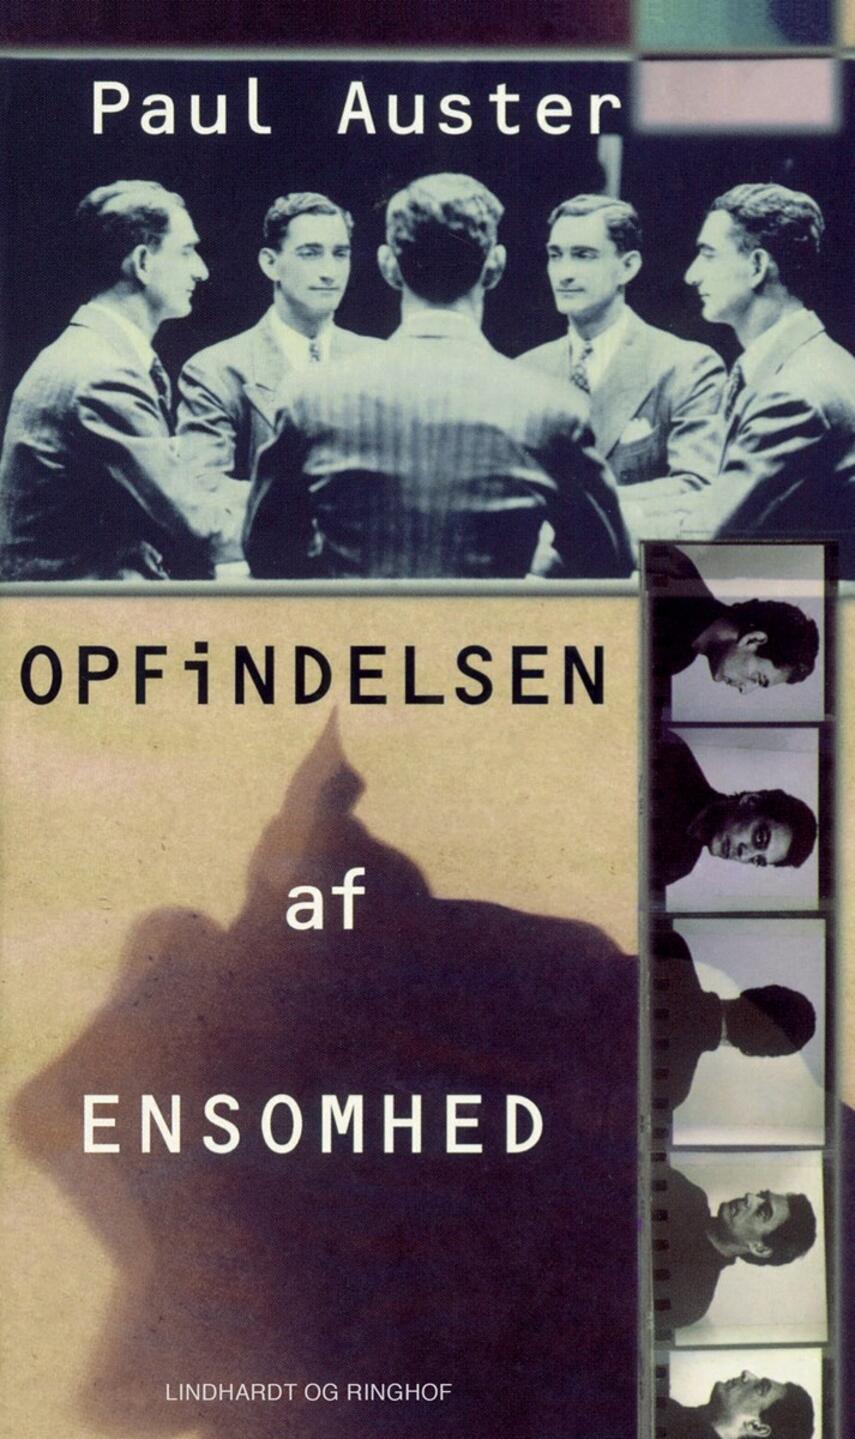 Paul Auster: Opfindelsen af ensomhed